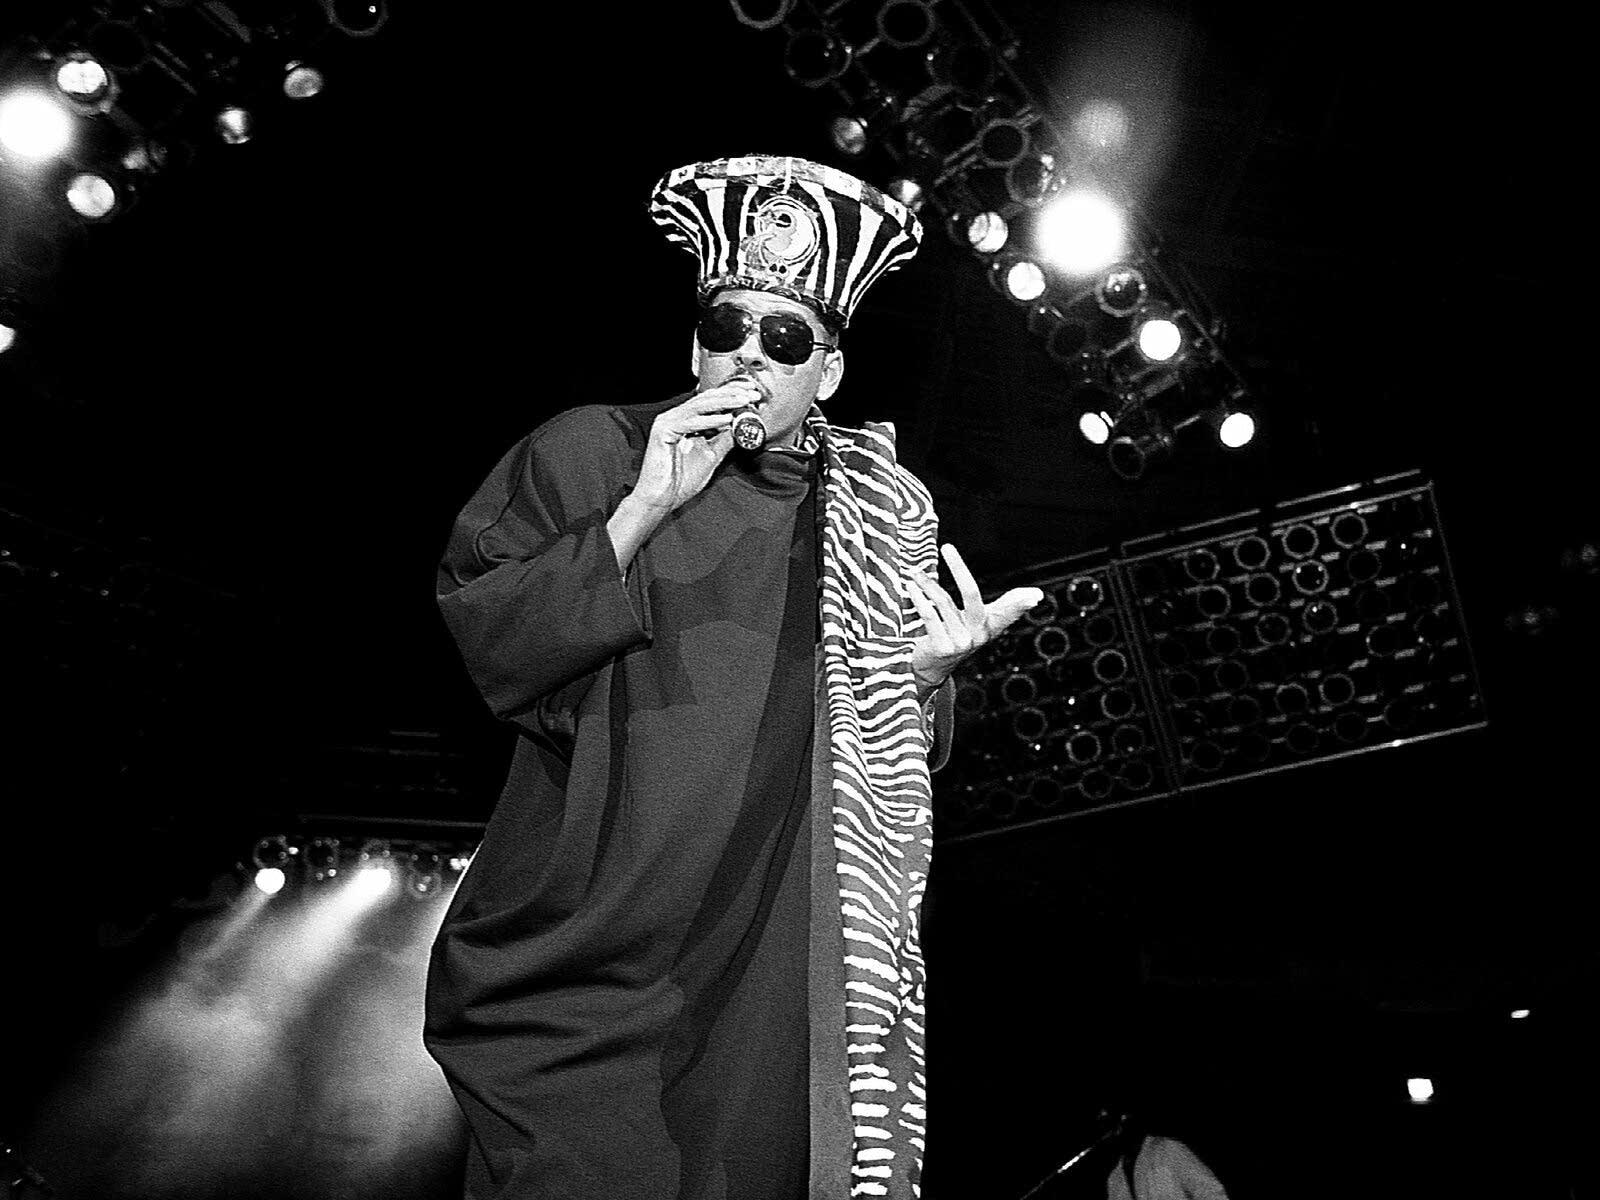 Rapper Shock G. of Digital Underground performing in 1990